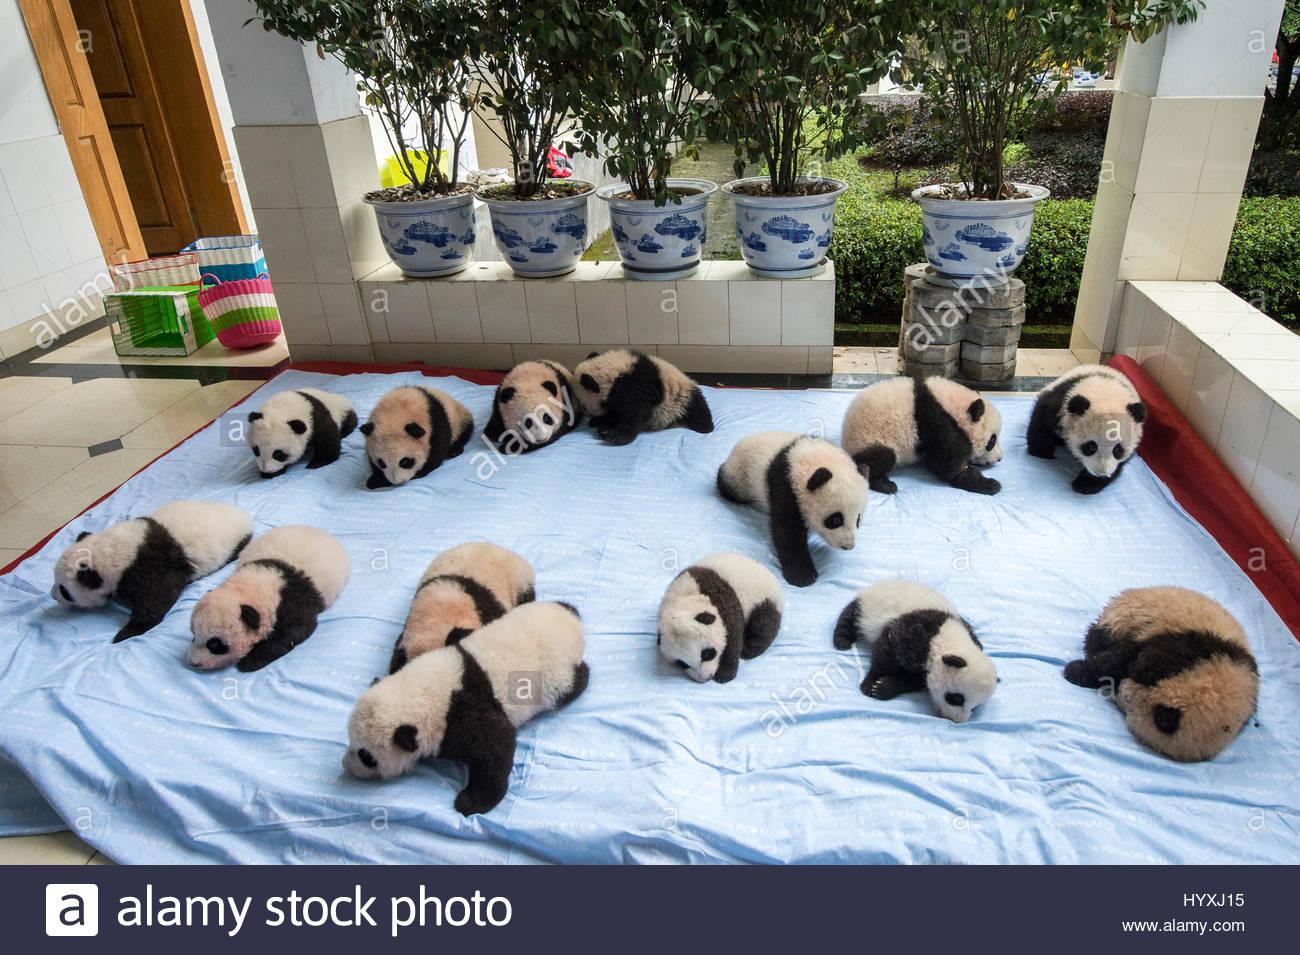 Bébé de 14 pandas géants élevés en captivité sur une couverture à la base de Photo Stock